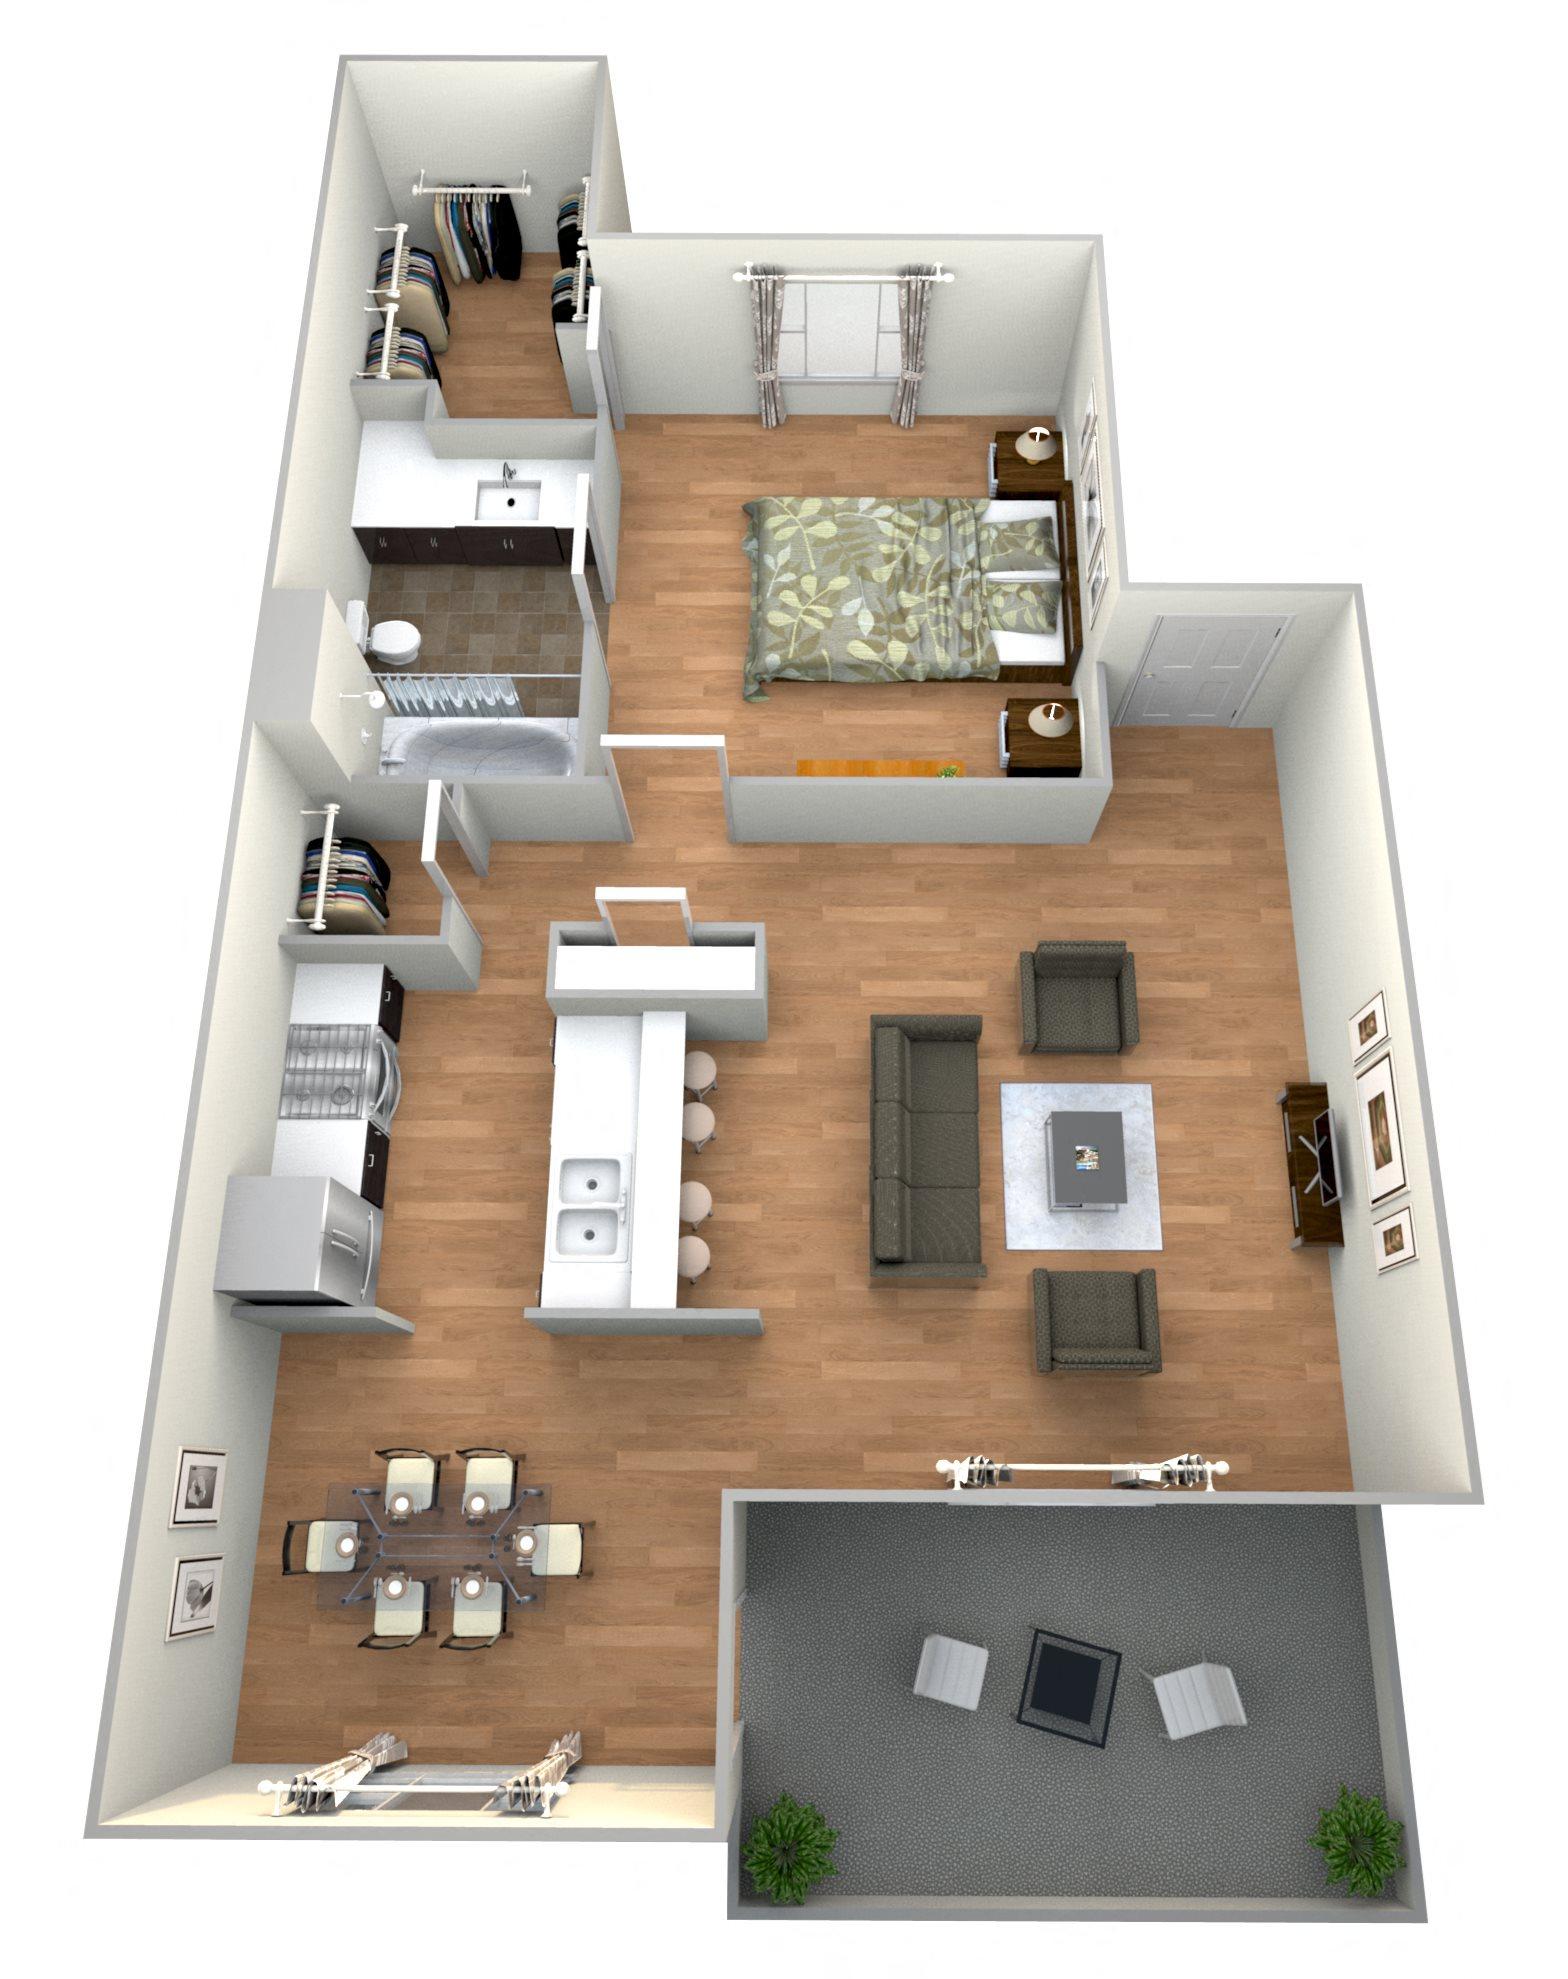 1 Bed 1Bath E Floor Plan 5